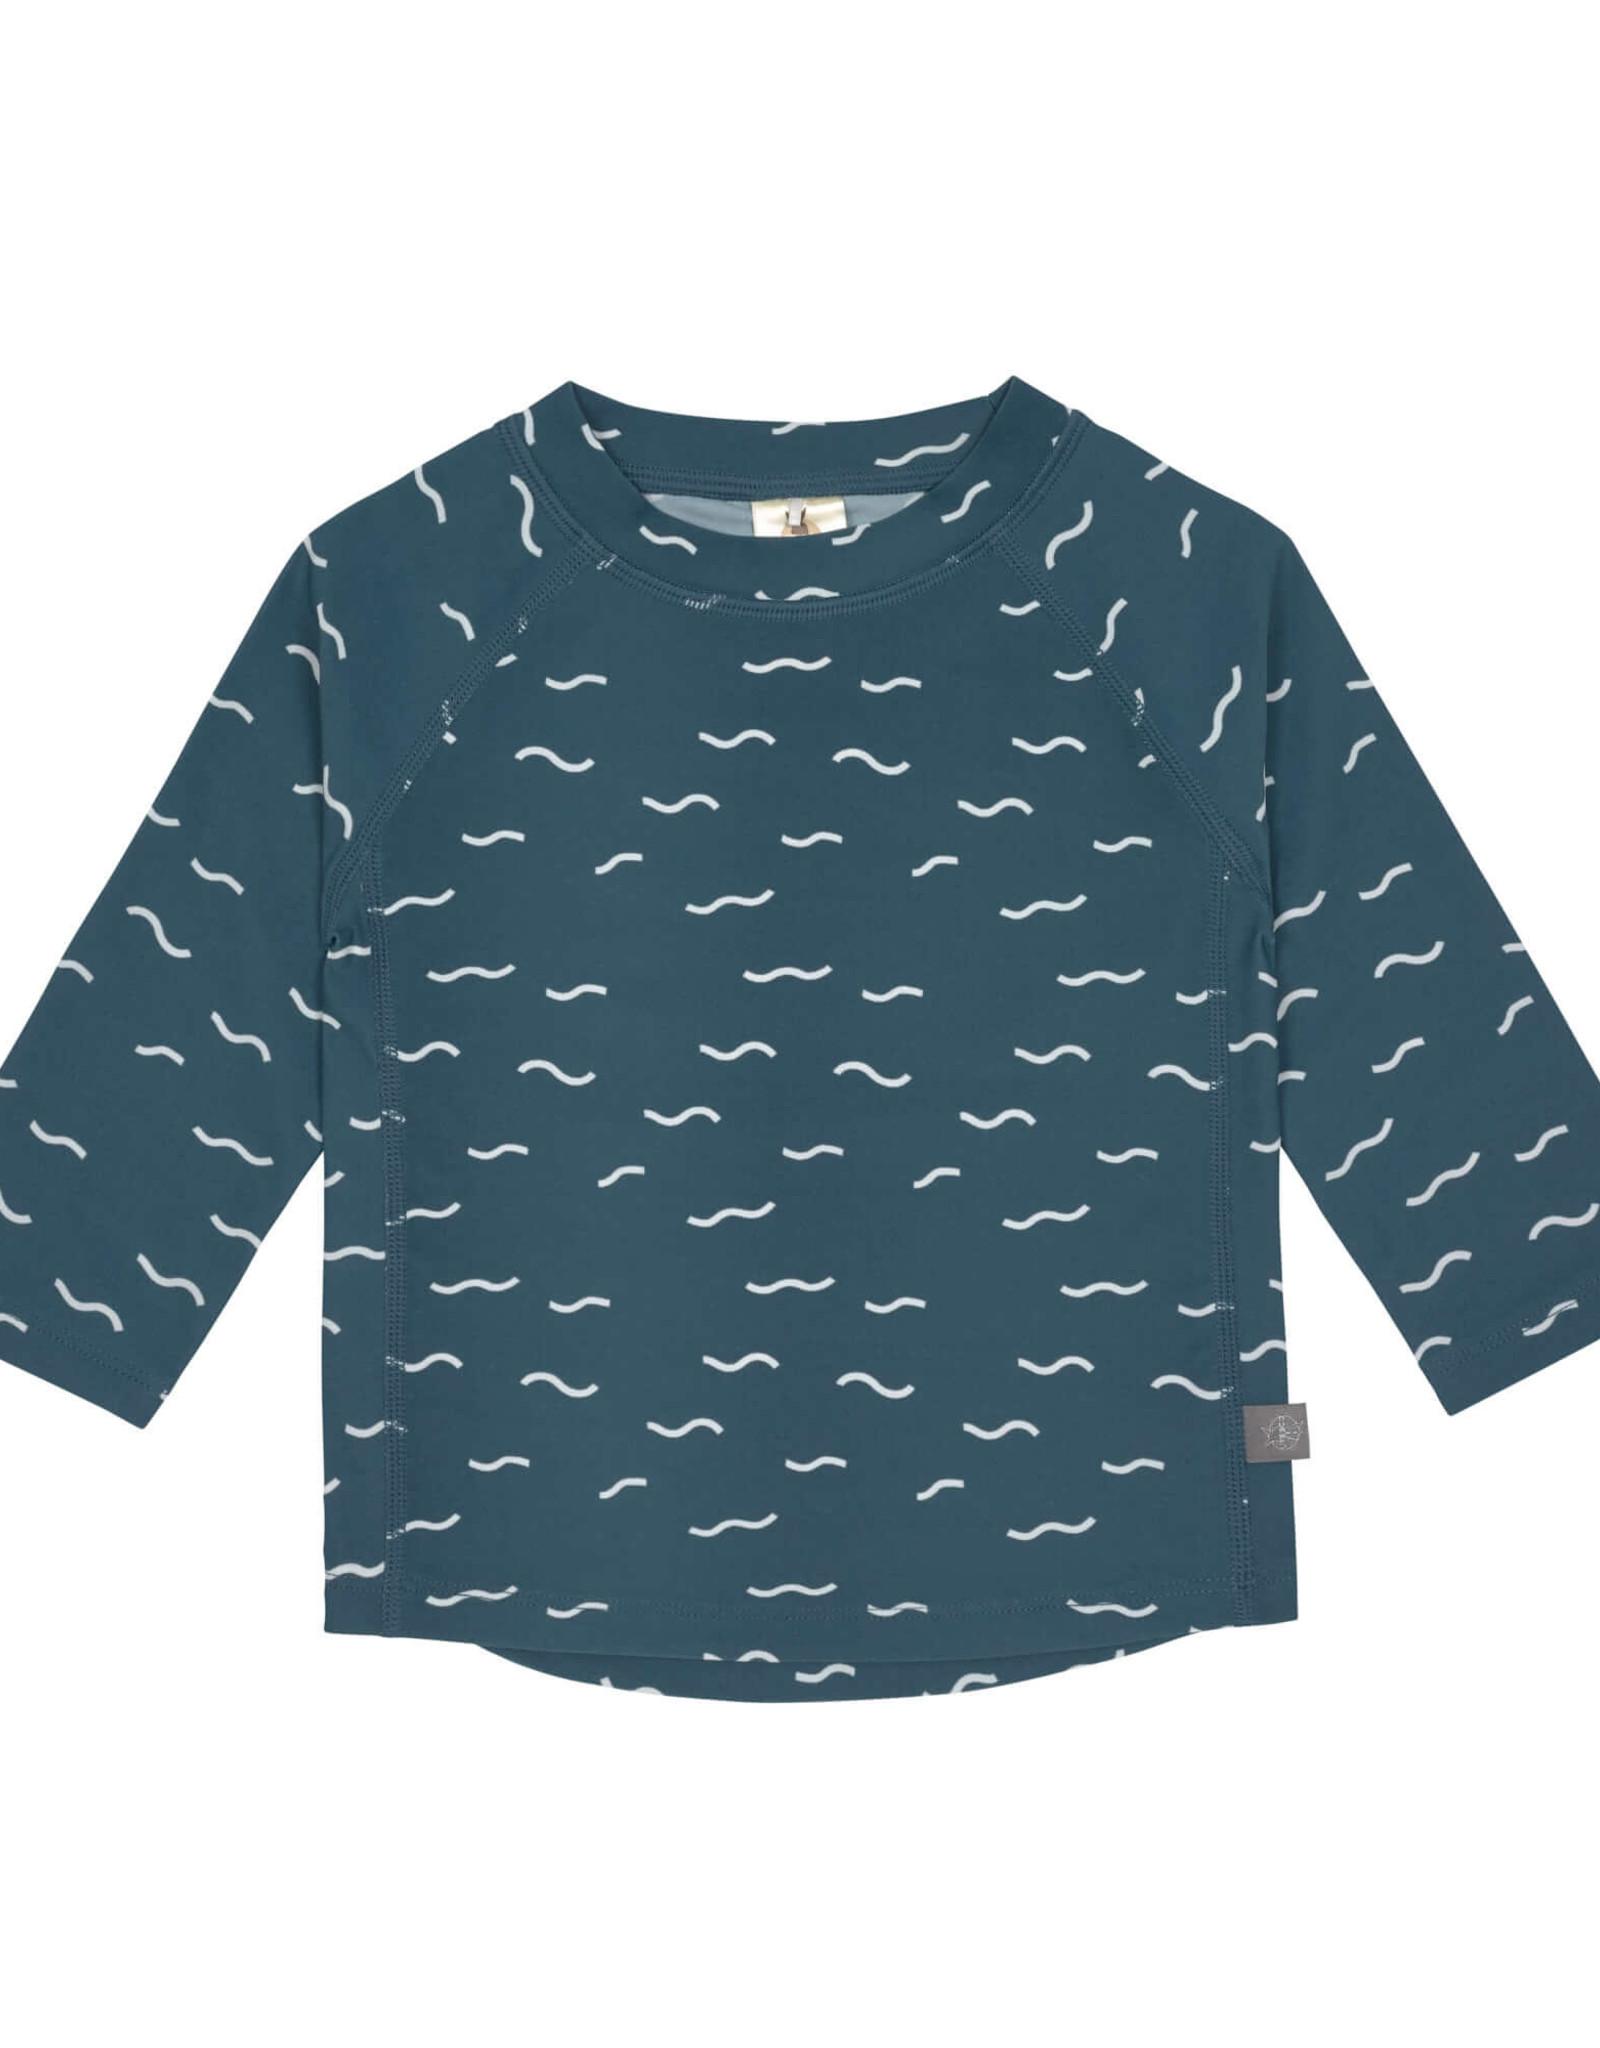 Lässig Lässig zwemshirt UPF50+ met lange mouwen Waves Blue